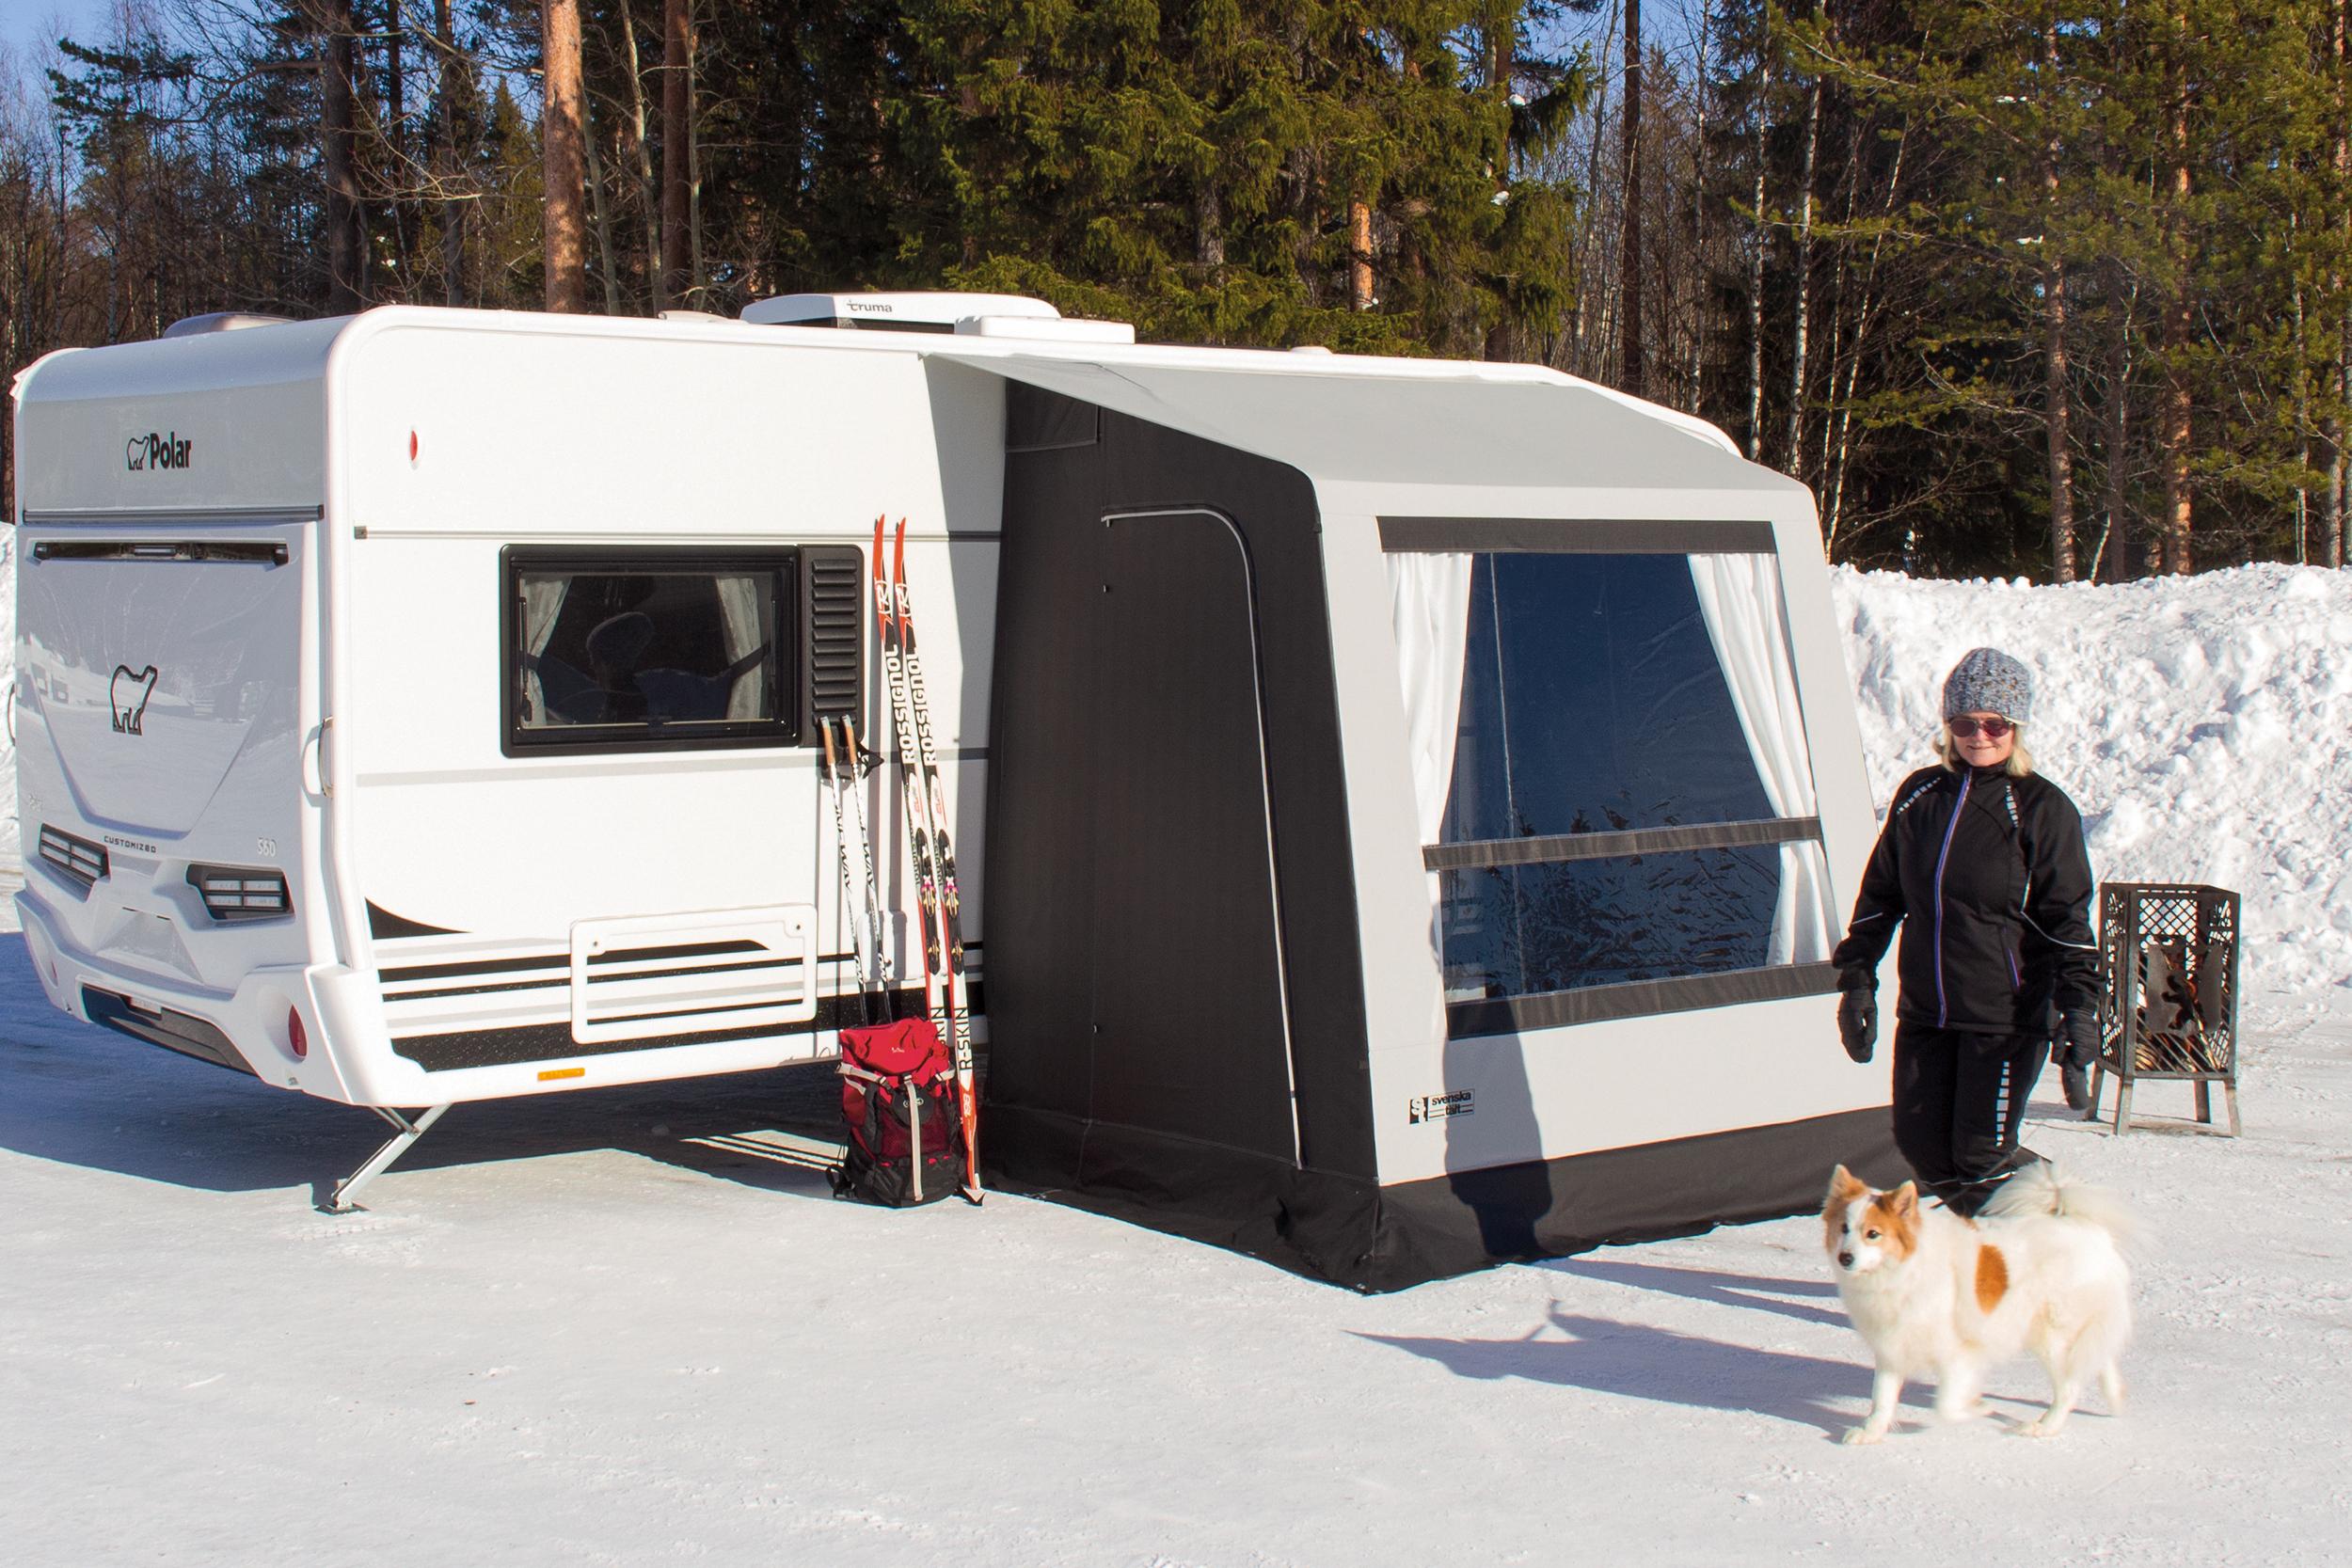 Förtält Svenska Tält Combi Lux | Vintertält Förtält | Camping